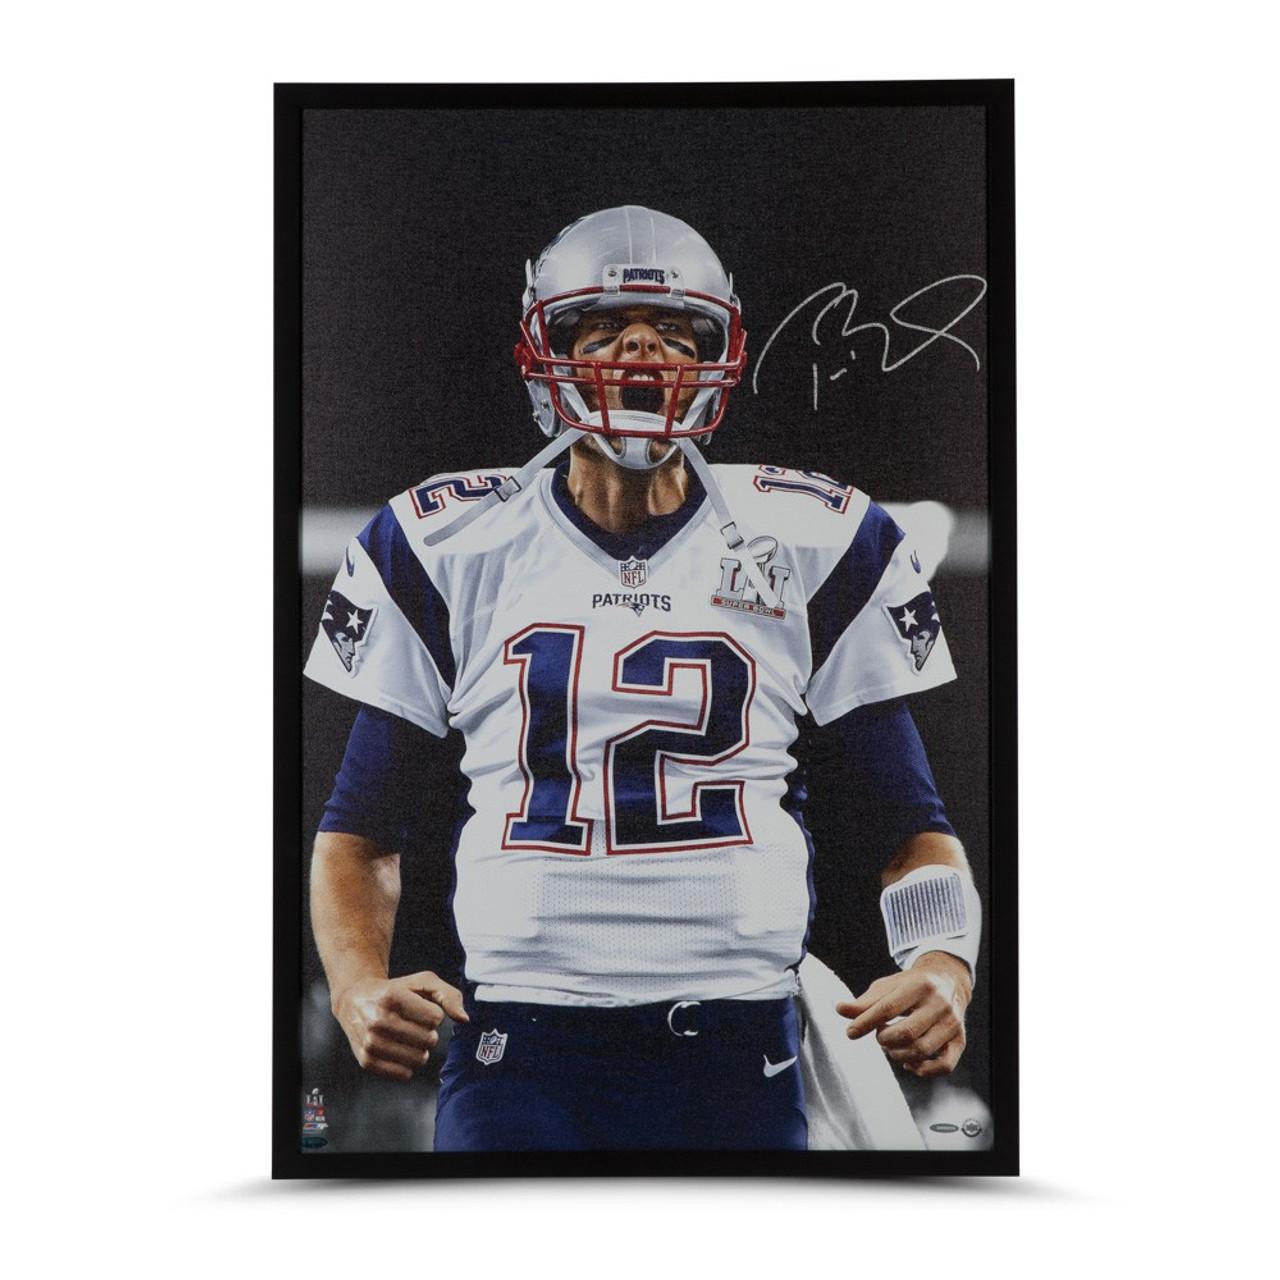 Brady maverick